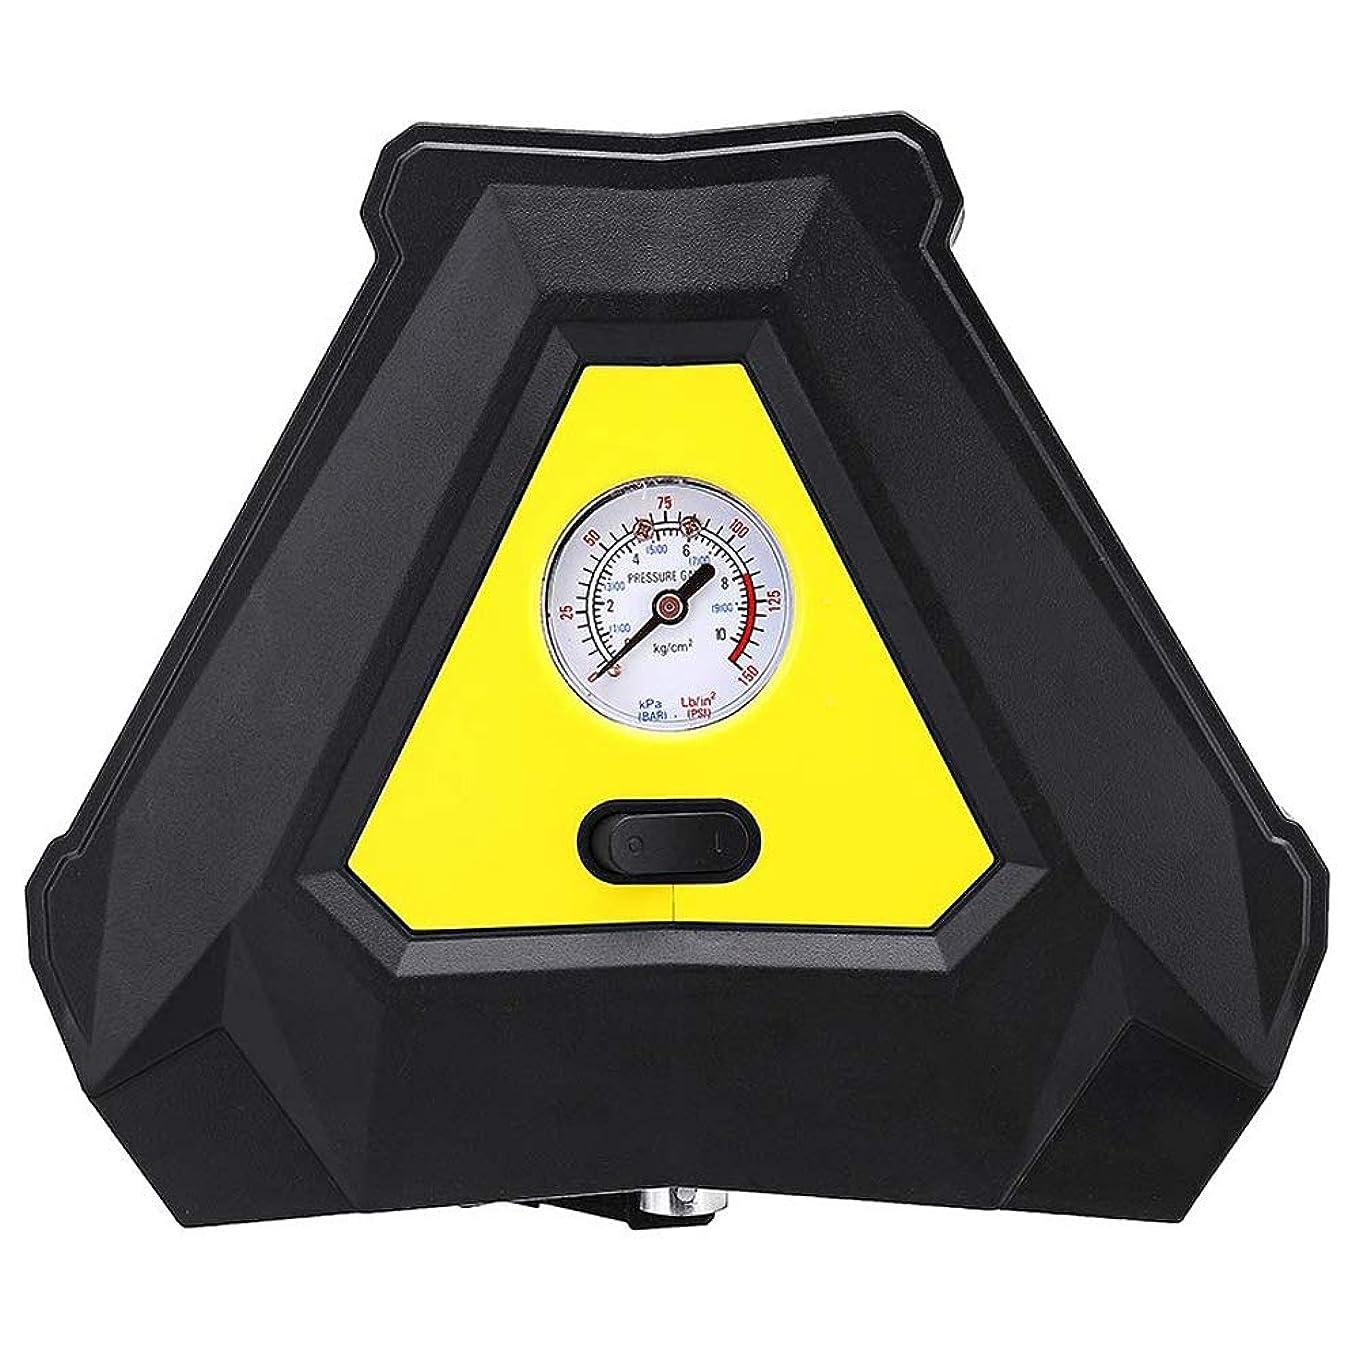 書き込み植物学フィードバックSemoic 携帯用空気タイヤのインフレーター、車および家のための車の空気ポンプ 車12Vの空気ポンプ 理性的な電気緊急のタイヤの圧縮機ポンプ